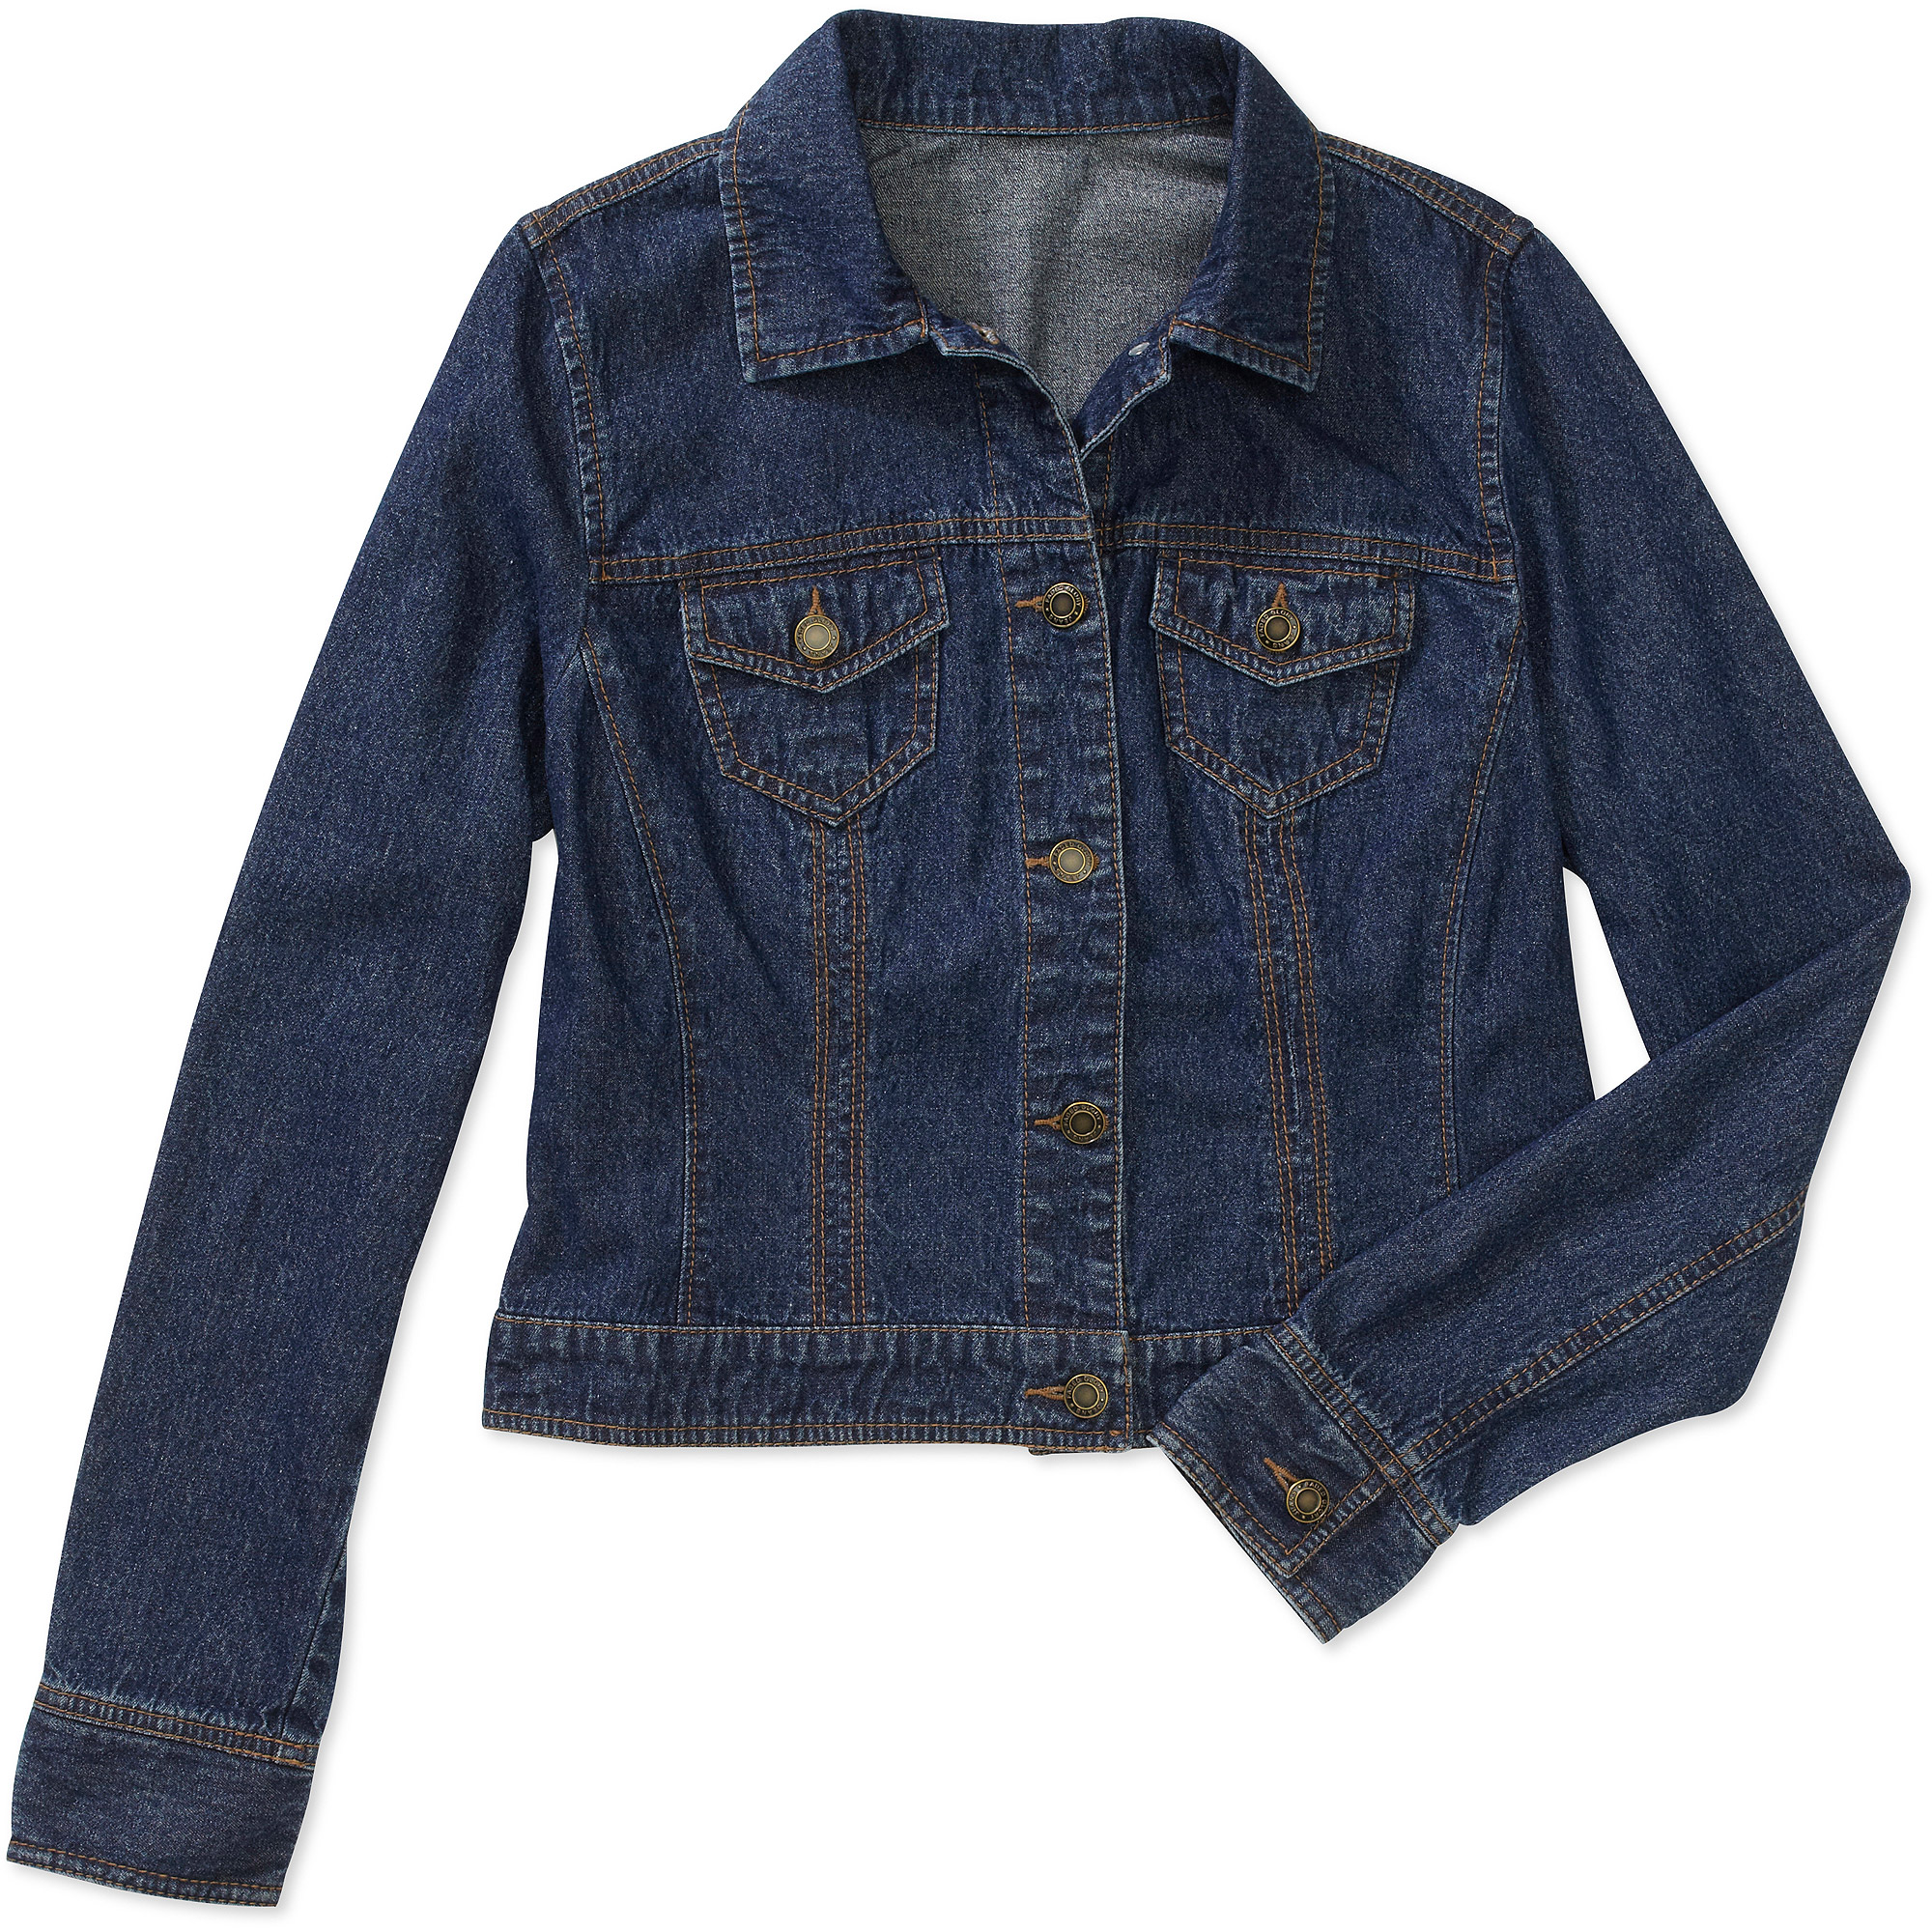 Walmart Coats And Jackets